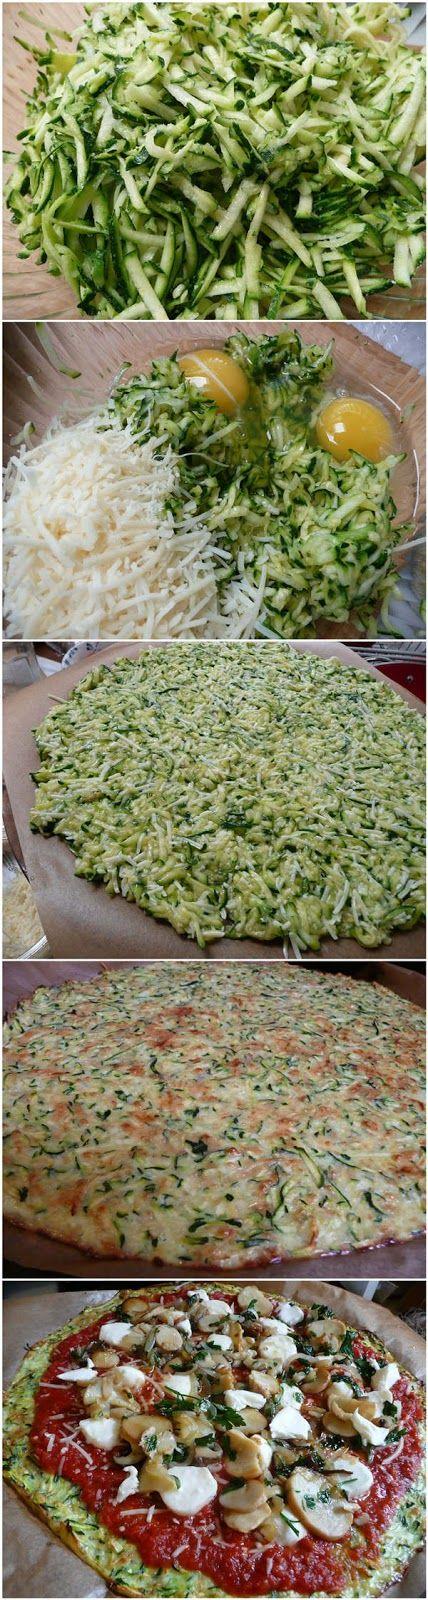 zucini crust